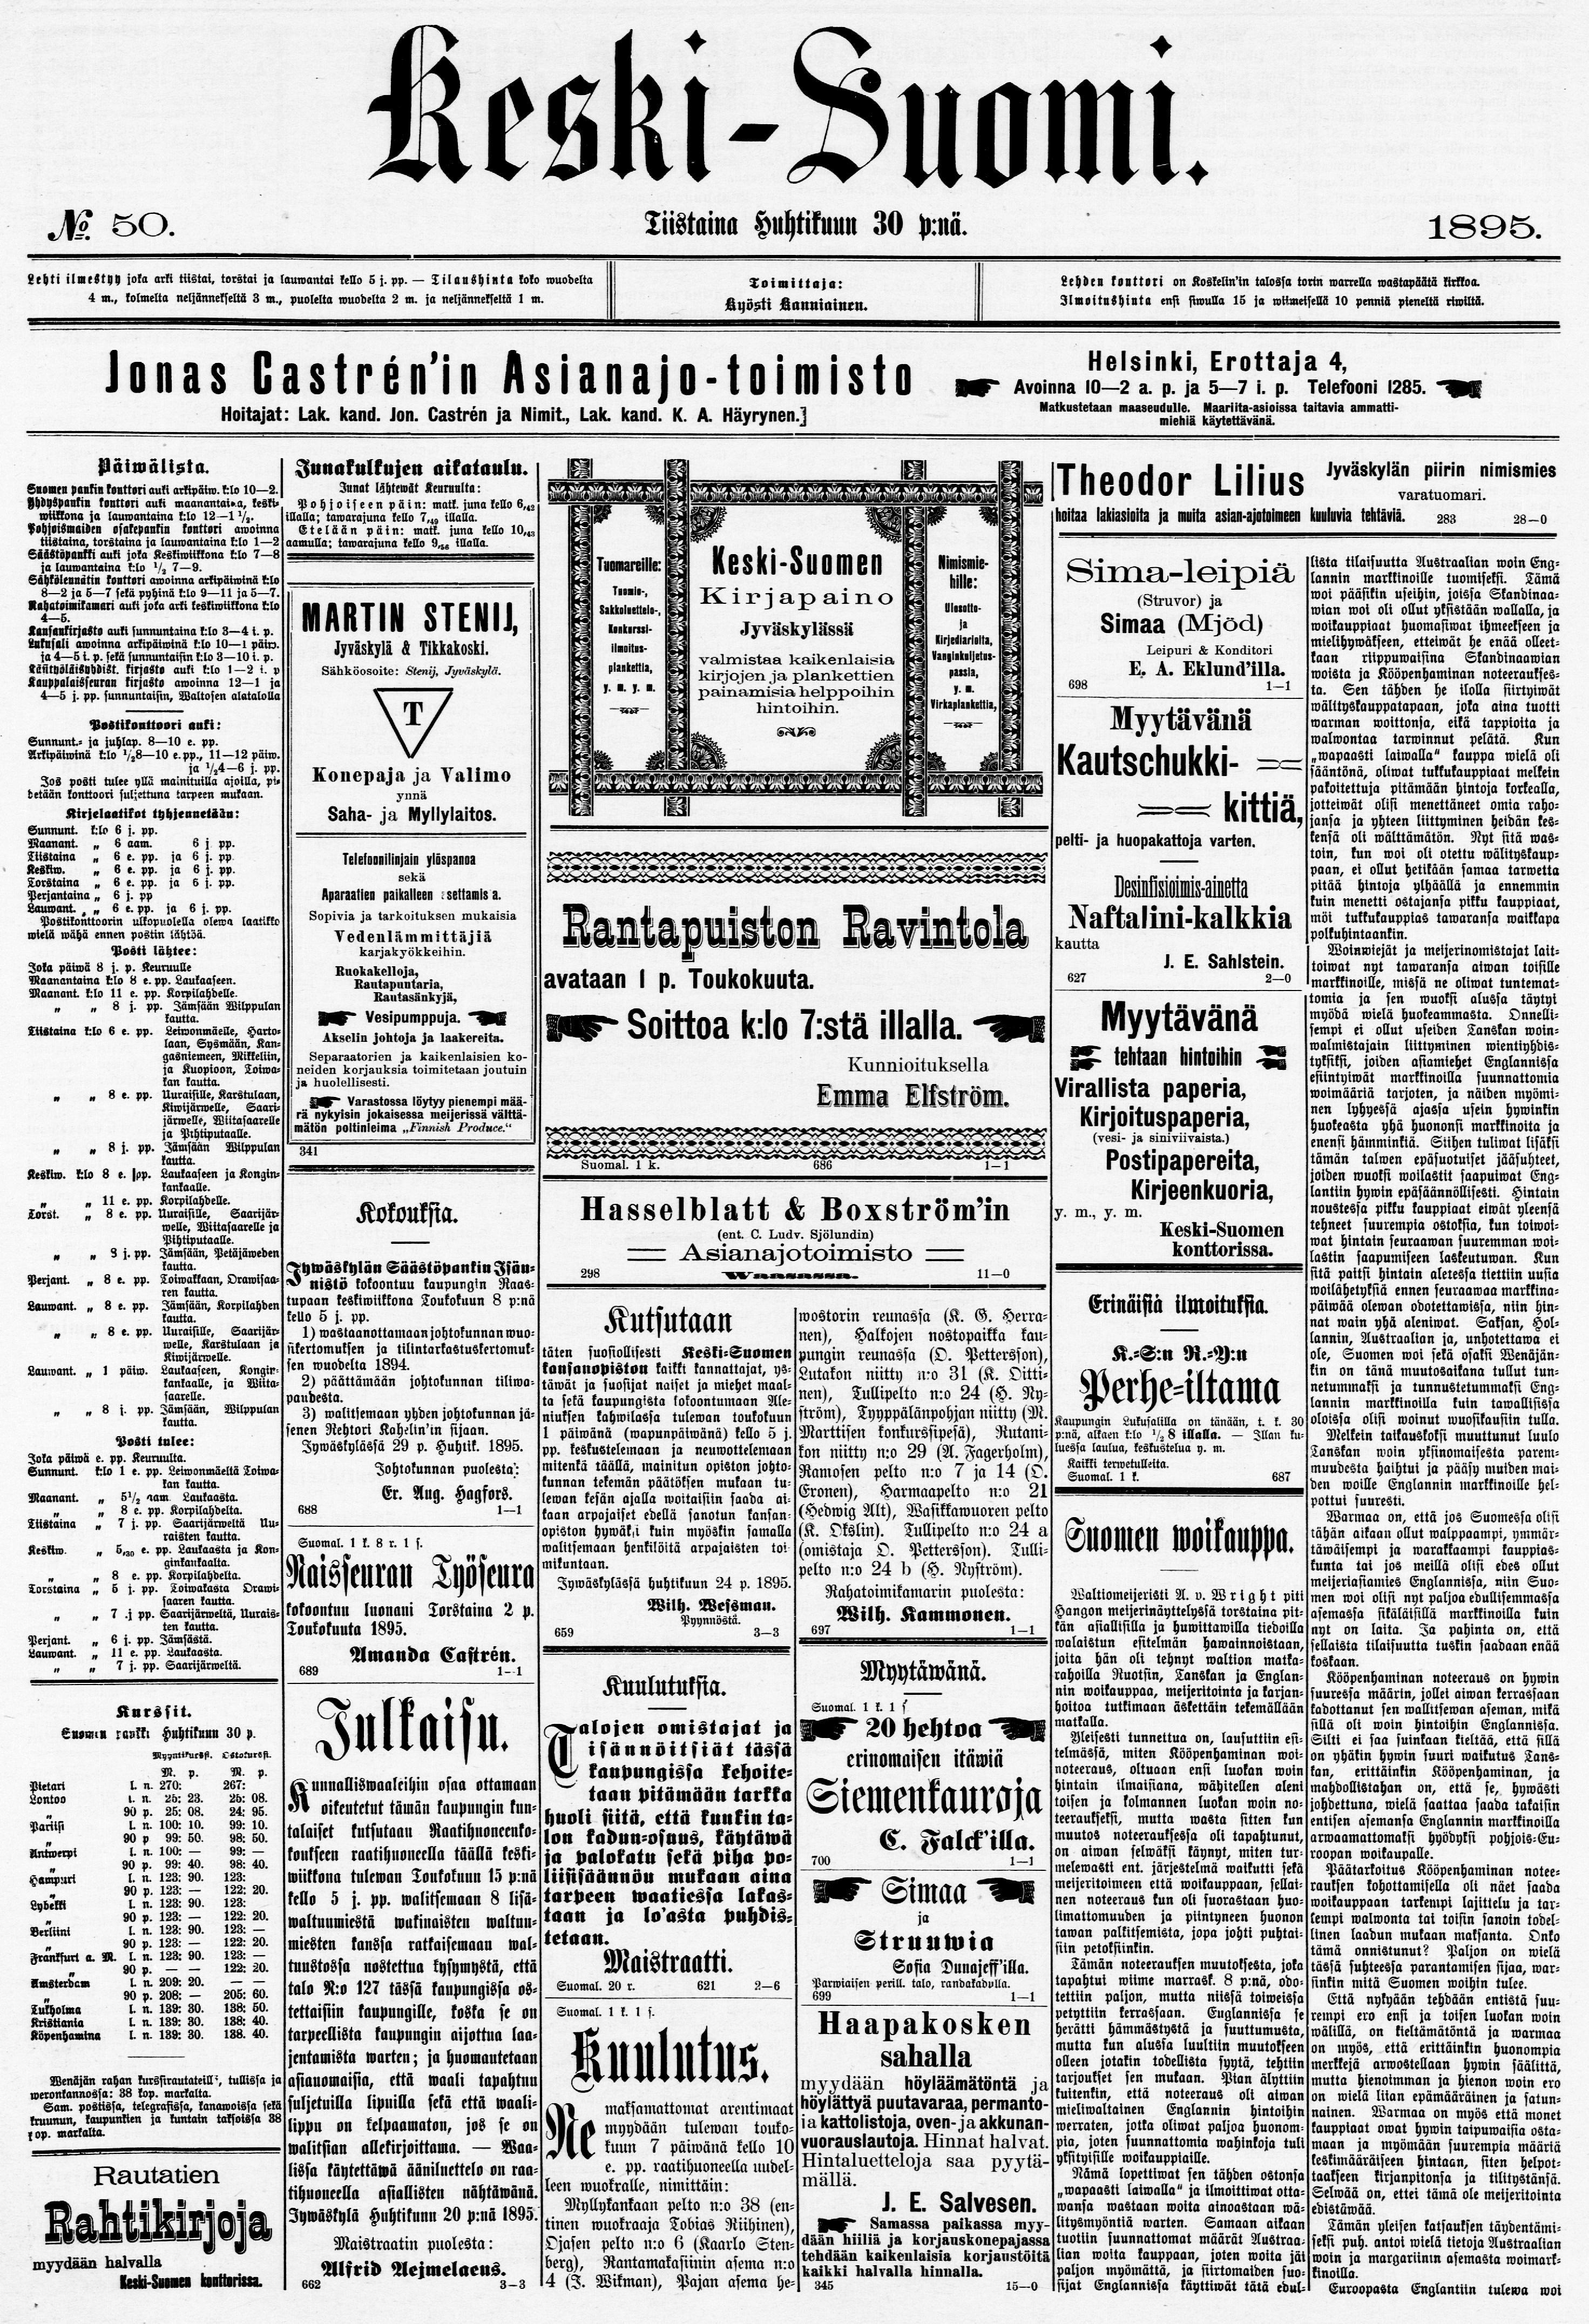 30.04.1895 Keski-Suomi no 50 - Sanomalehdet - Digitoidut aineistot - Kansalliskirjasto